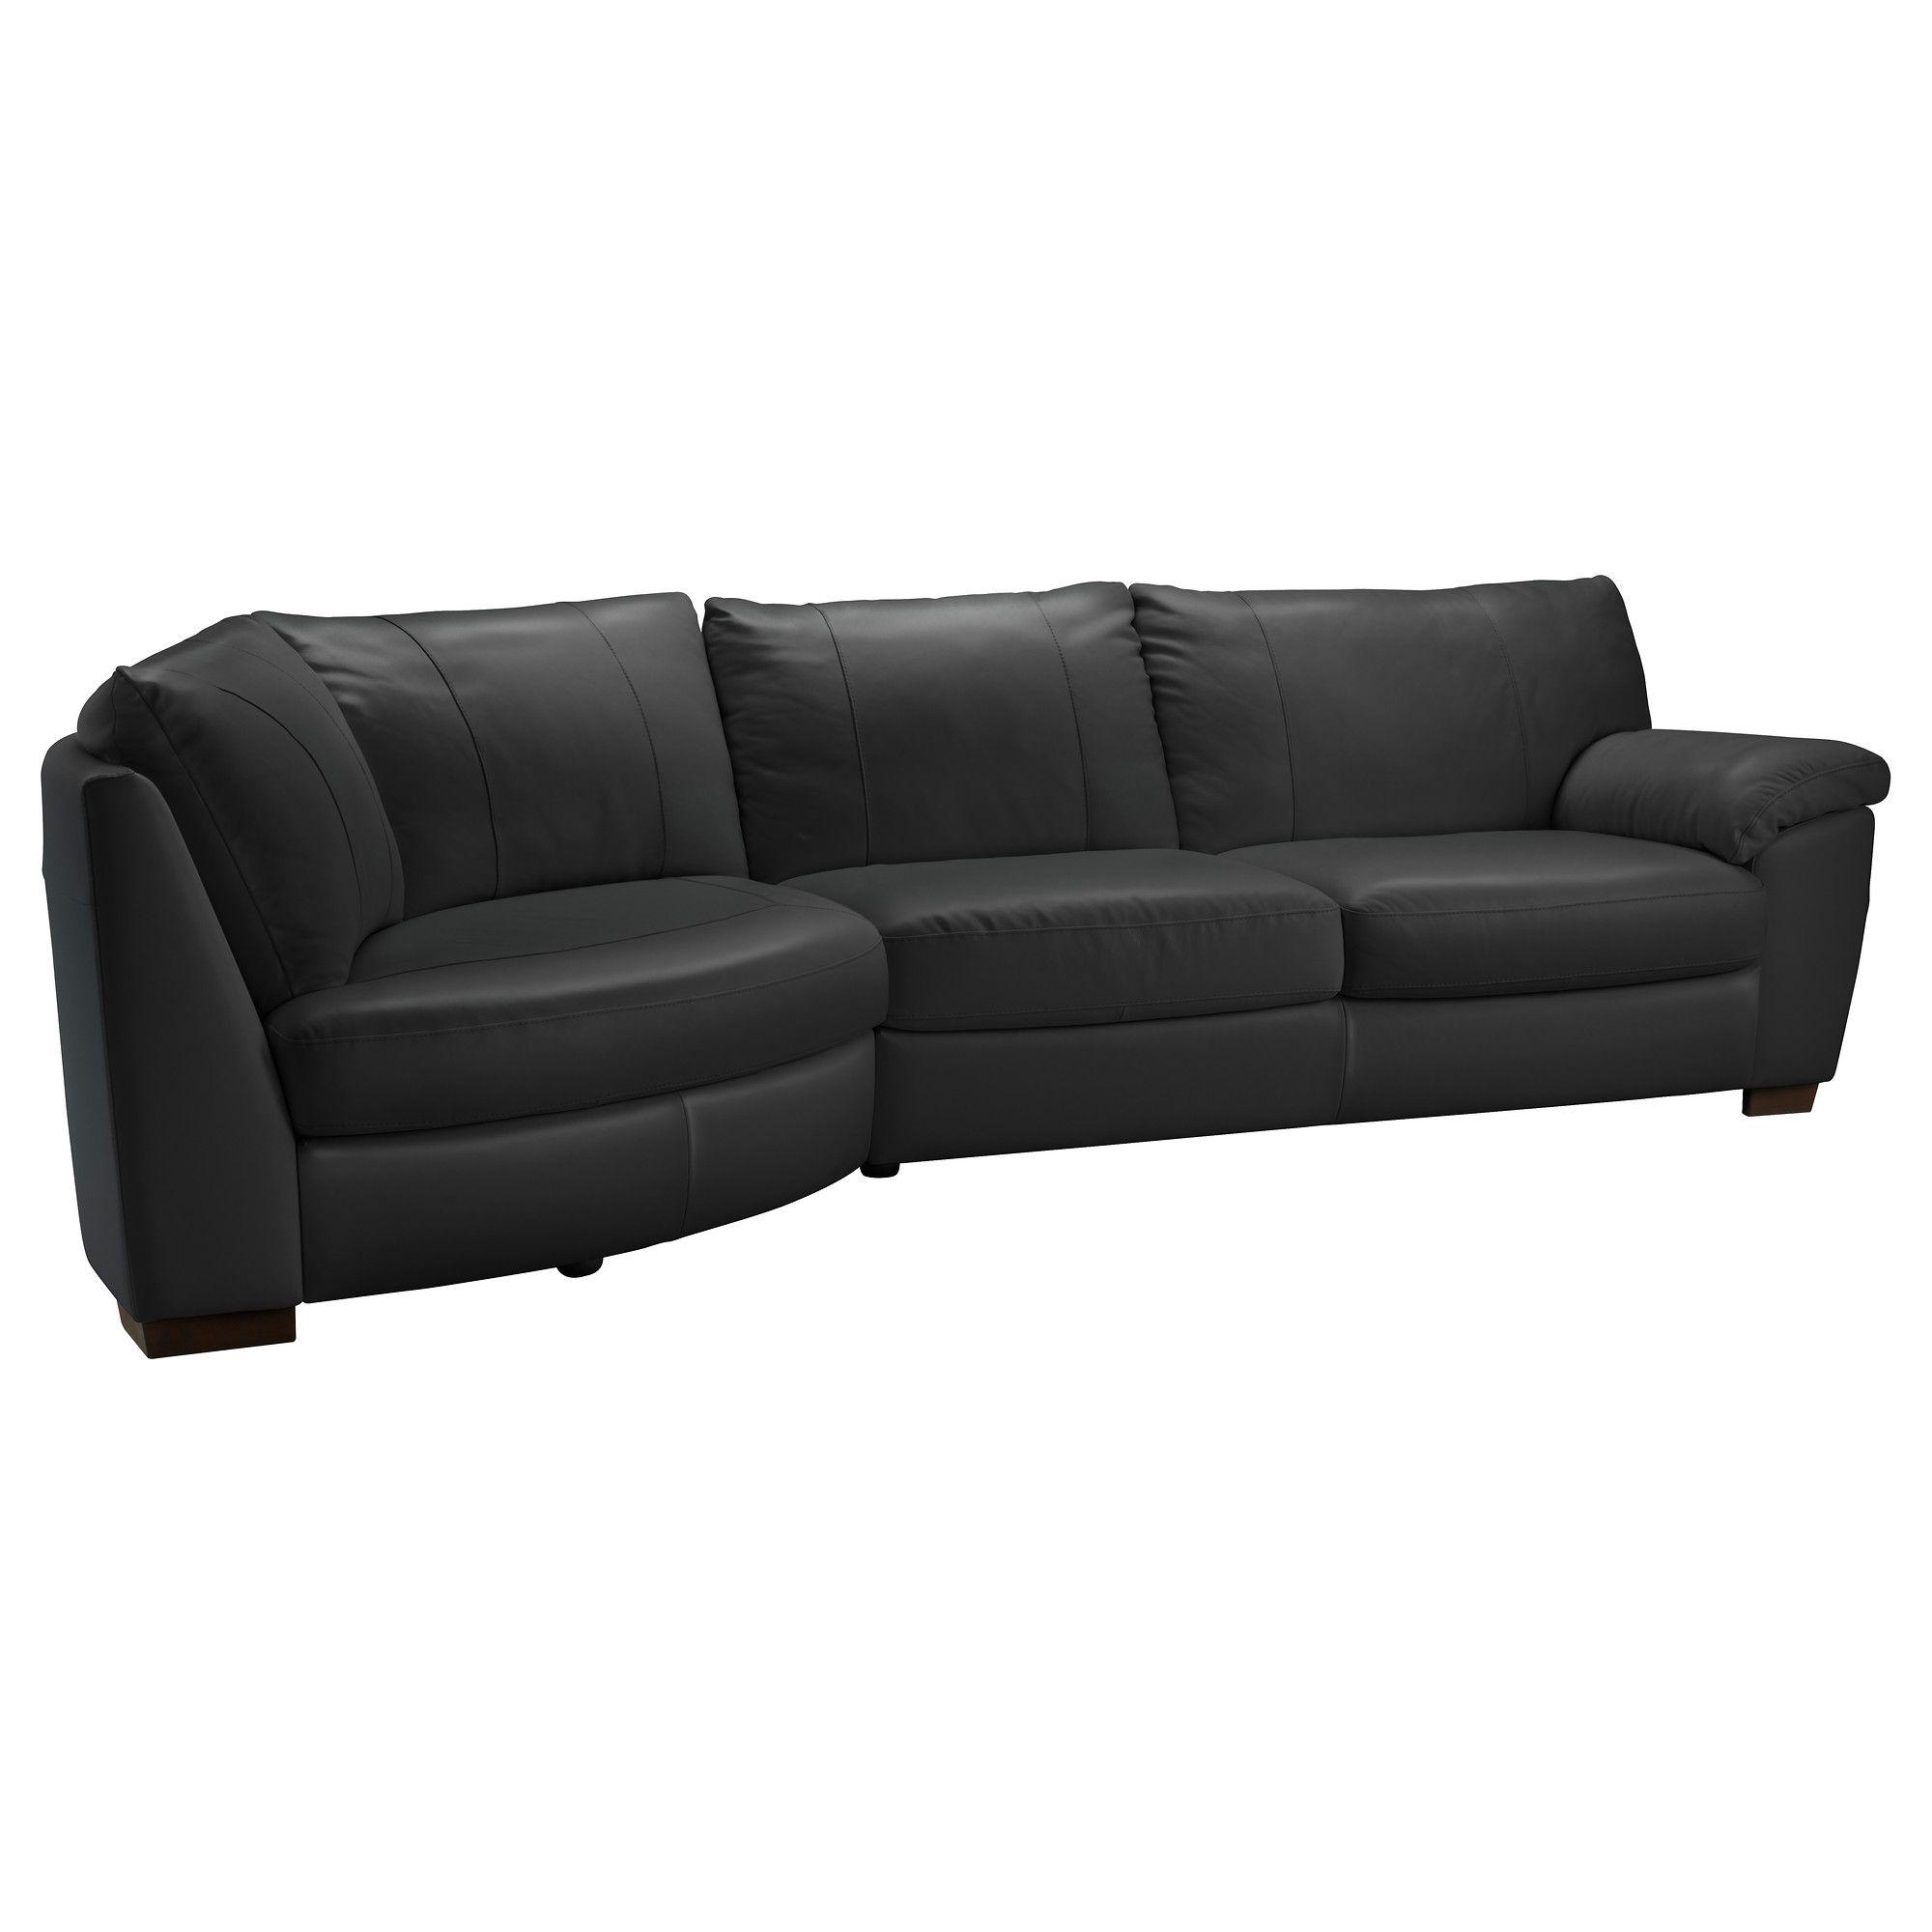 Vreta Sofa Bed Design Inspiration Modern House Interior And Rh Dsvere Com